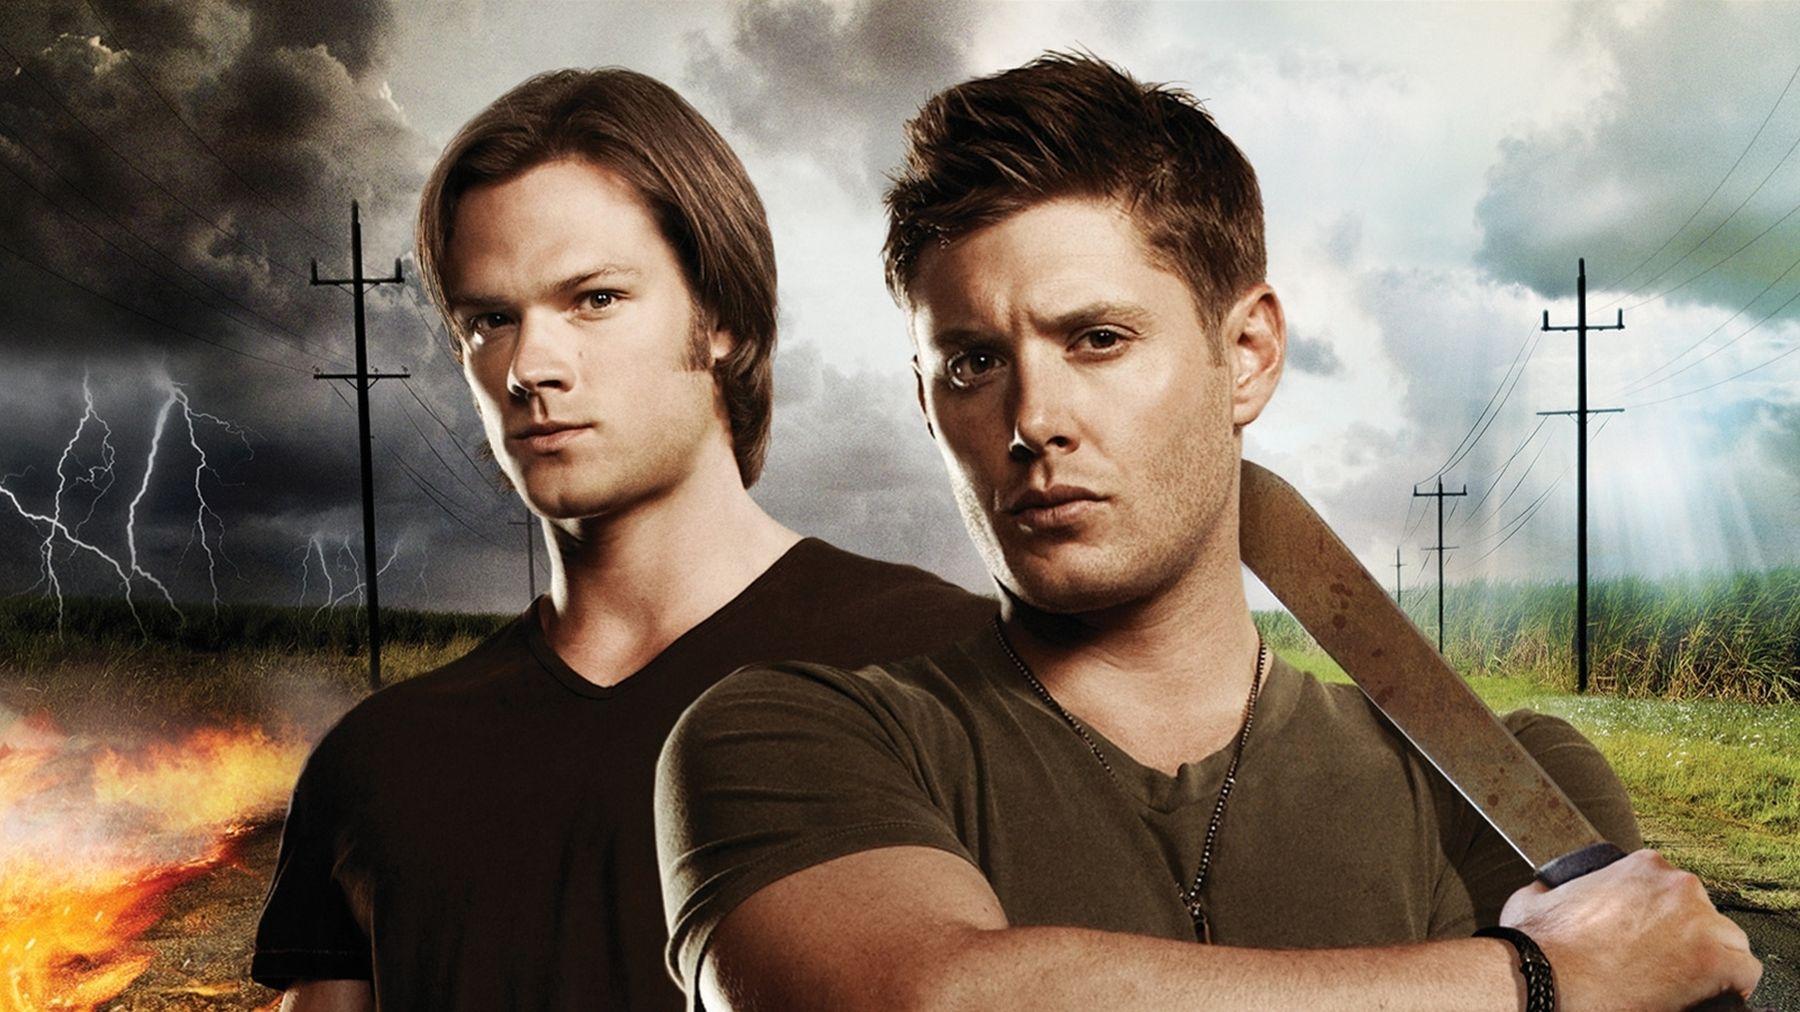 Para muchos escritores de fanfics el error en este montaje es que no se estén montando carnalmente. Supernatural. Imagen: The CW